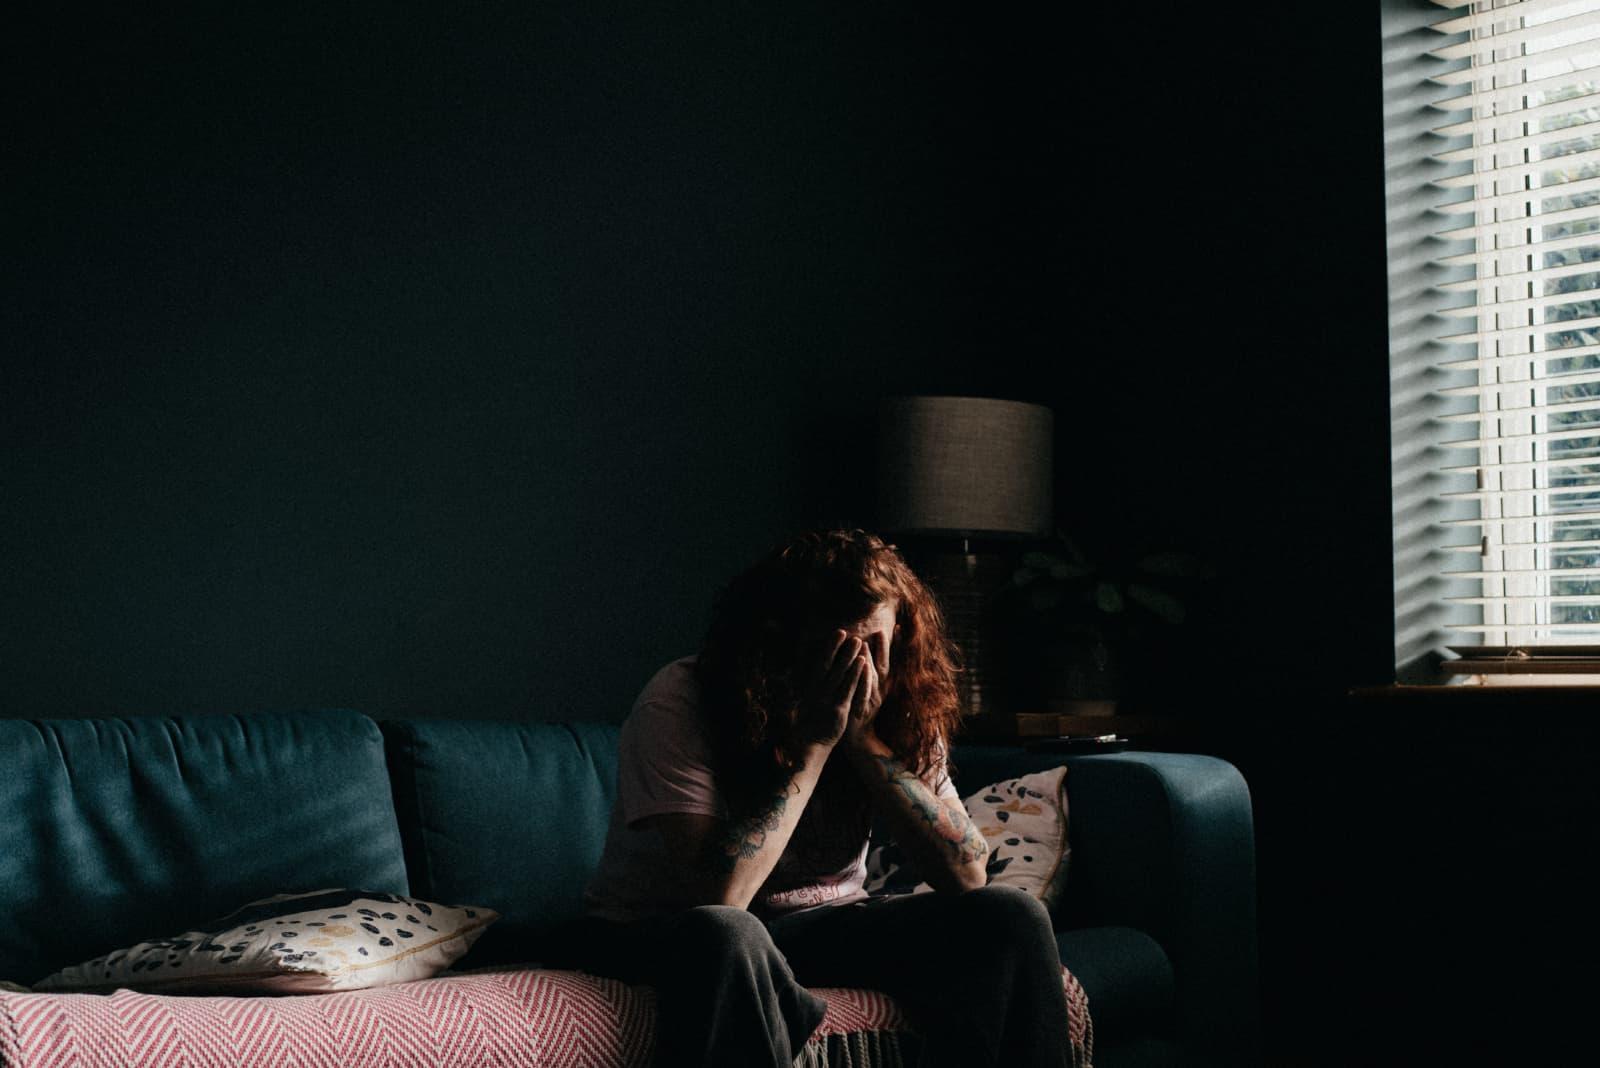 femme pleurant assise sur un canapé